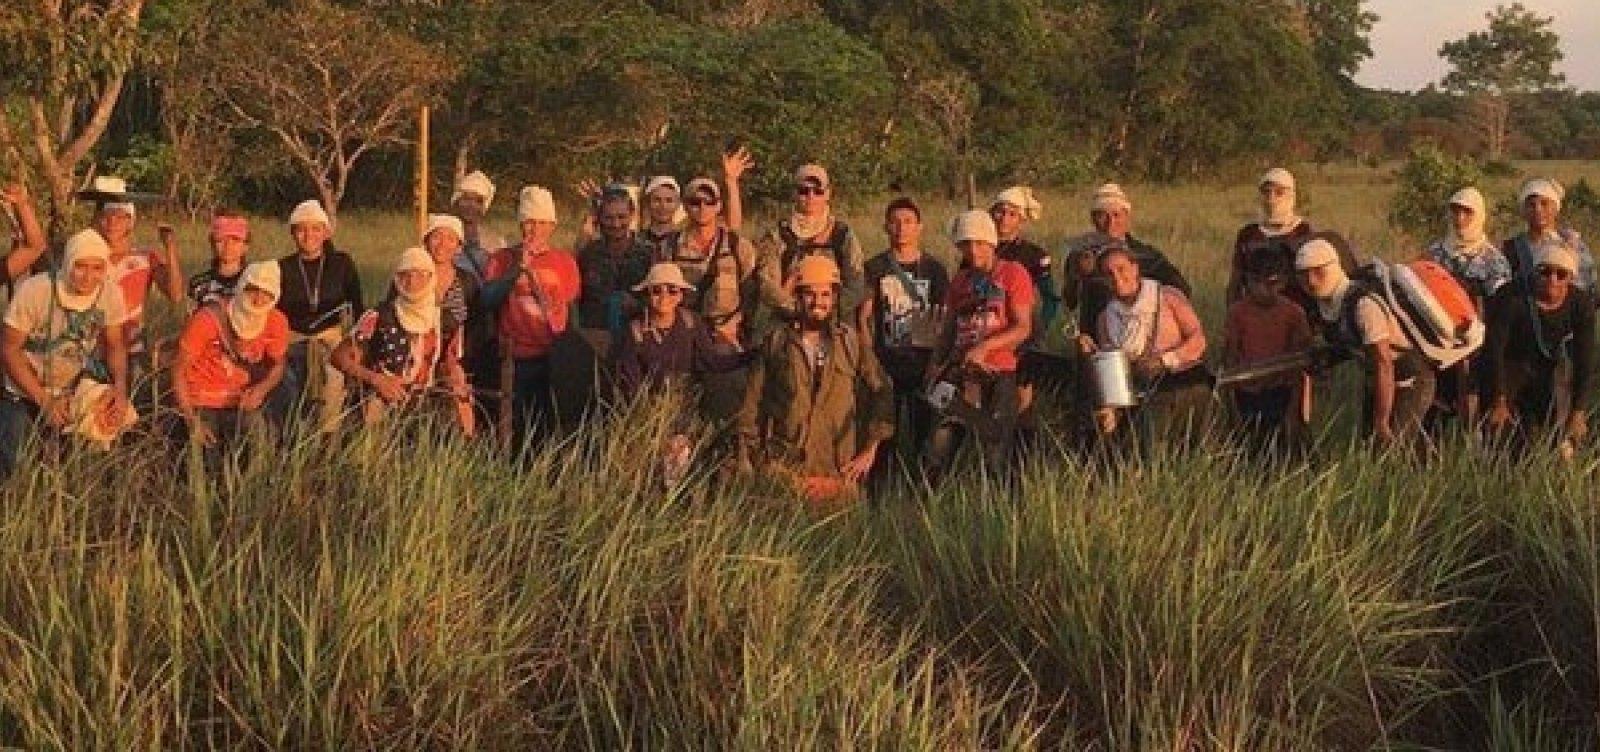 Governador do Pará troca delegado à frente de inquérito que prendeu brigadistas